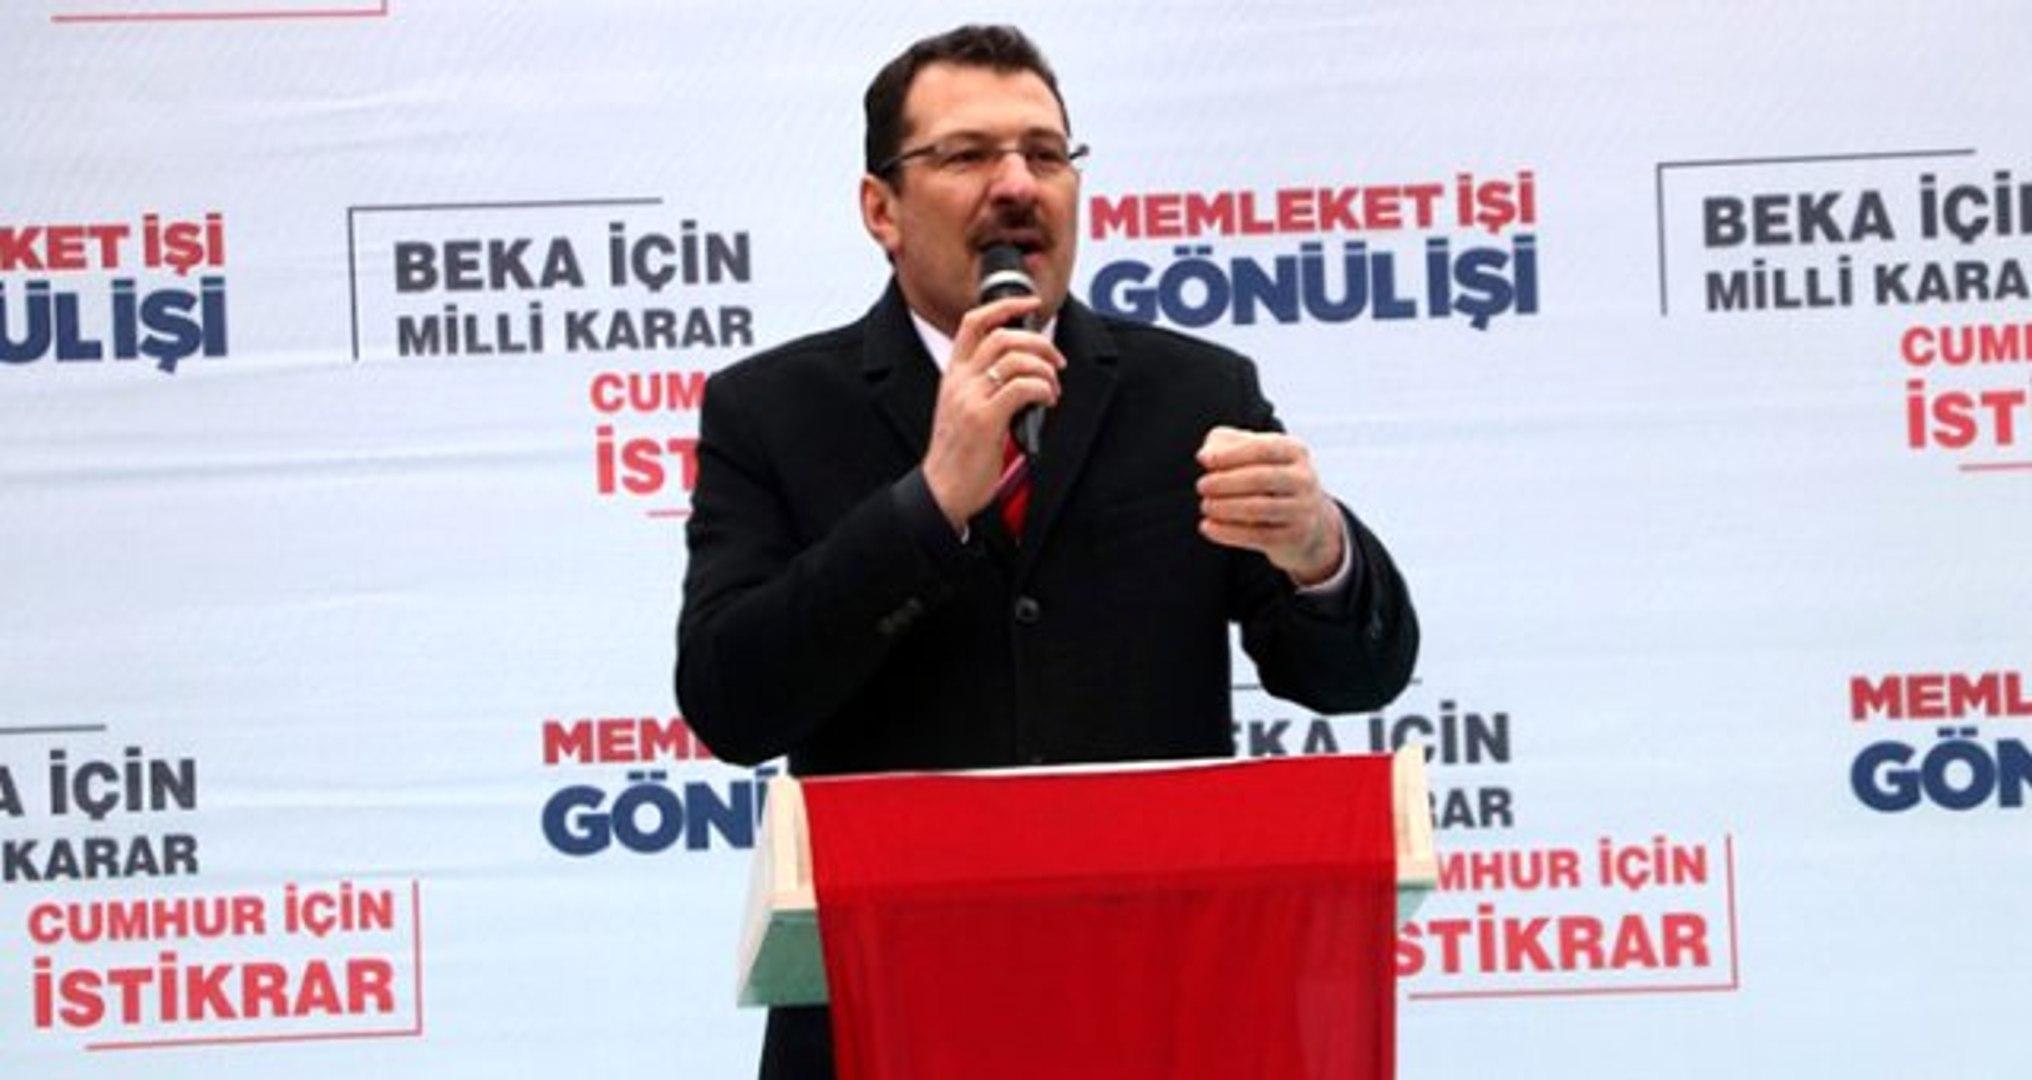 Son Dakika! AK Parti'den Büyükçekmece Krizi İle İlgili İlk Açıklama: Nüfus Müdürü Tutuklandı, U